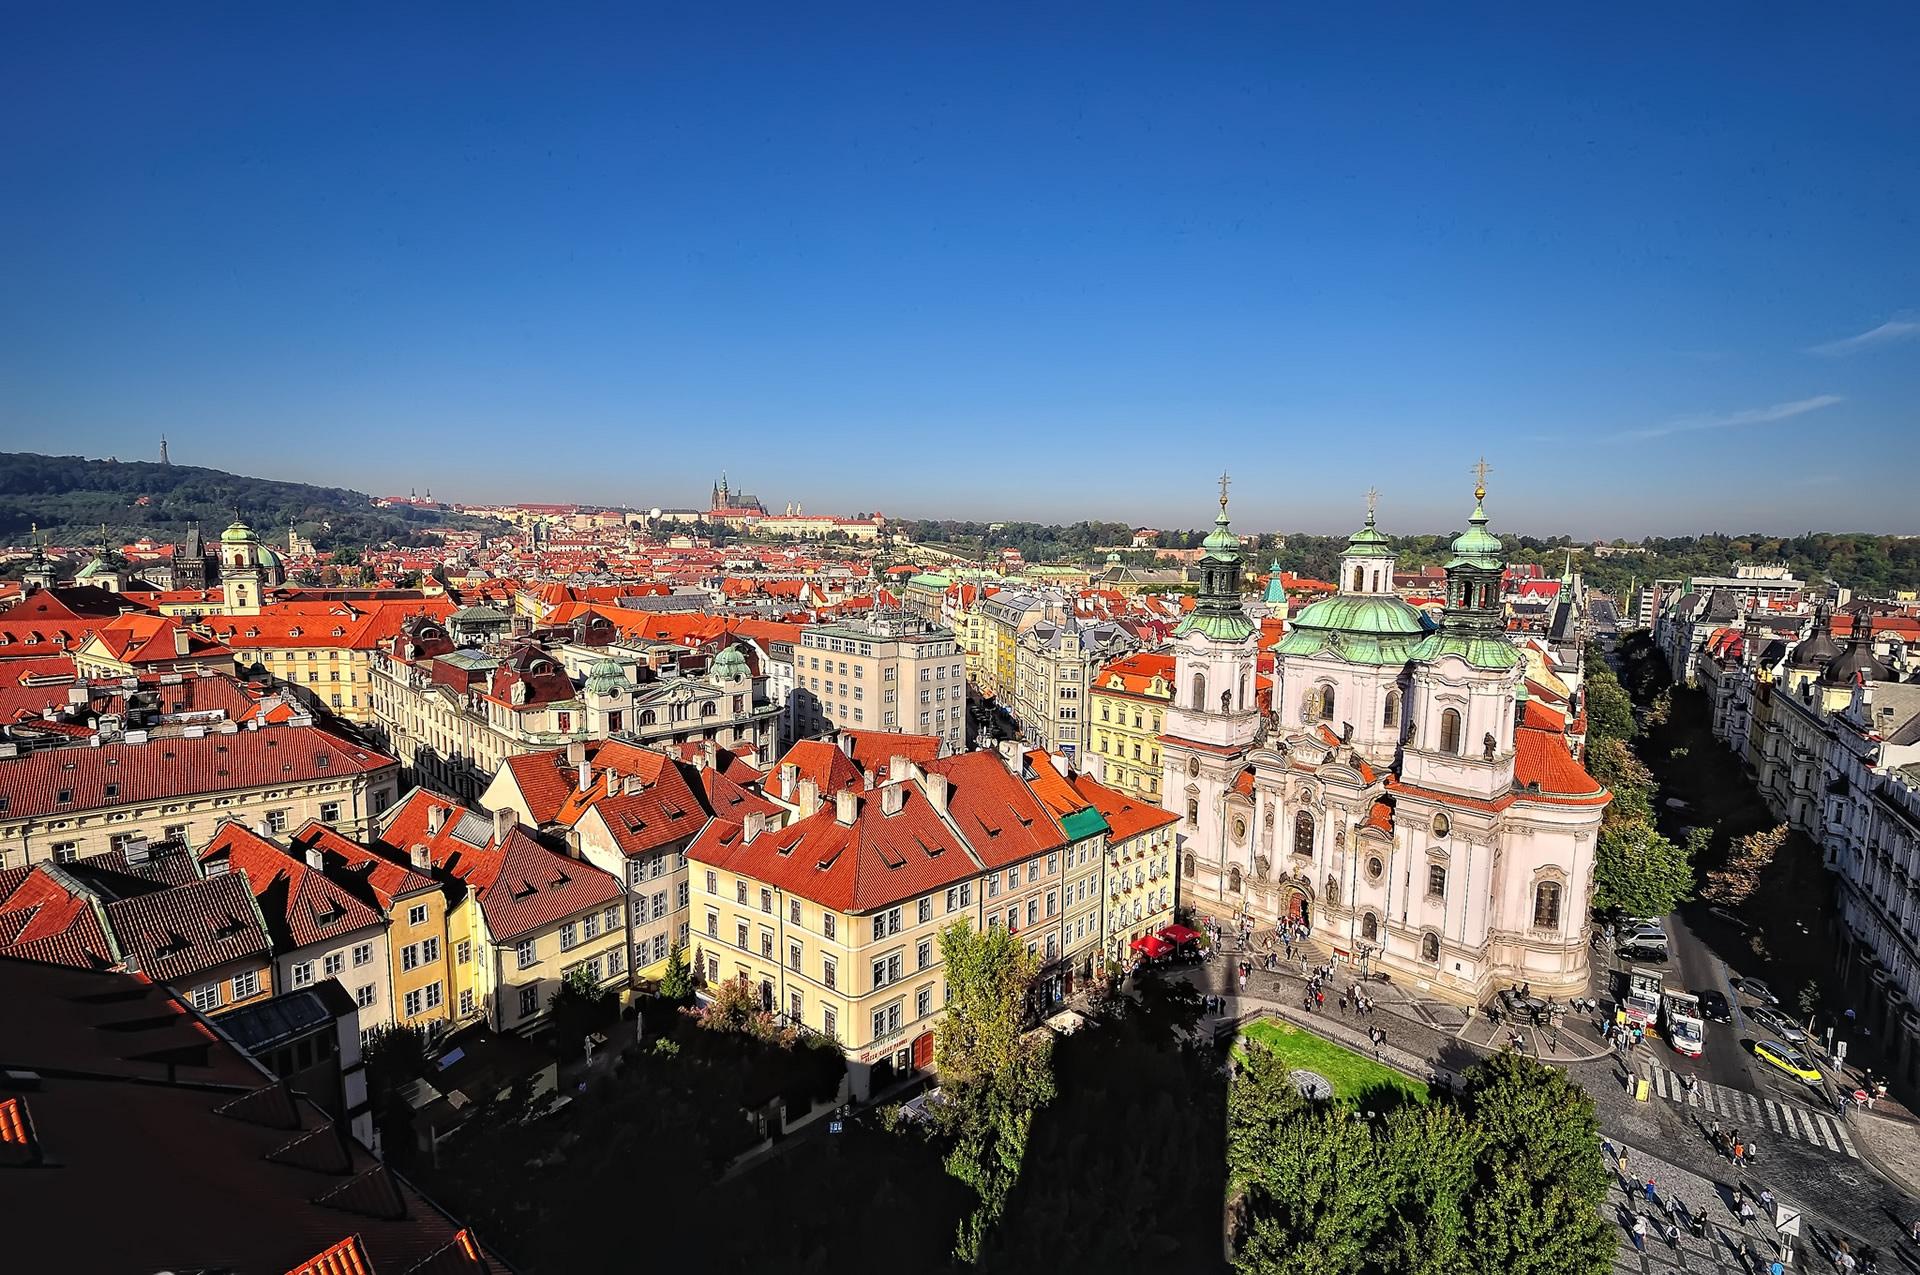 этот чешские картинки дагостино популярный